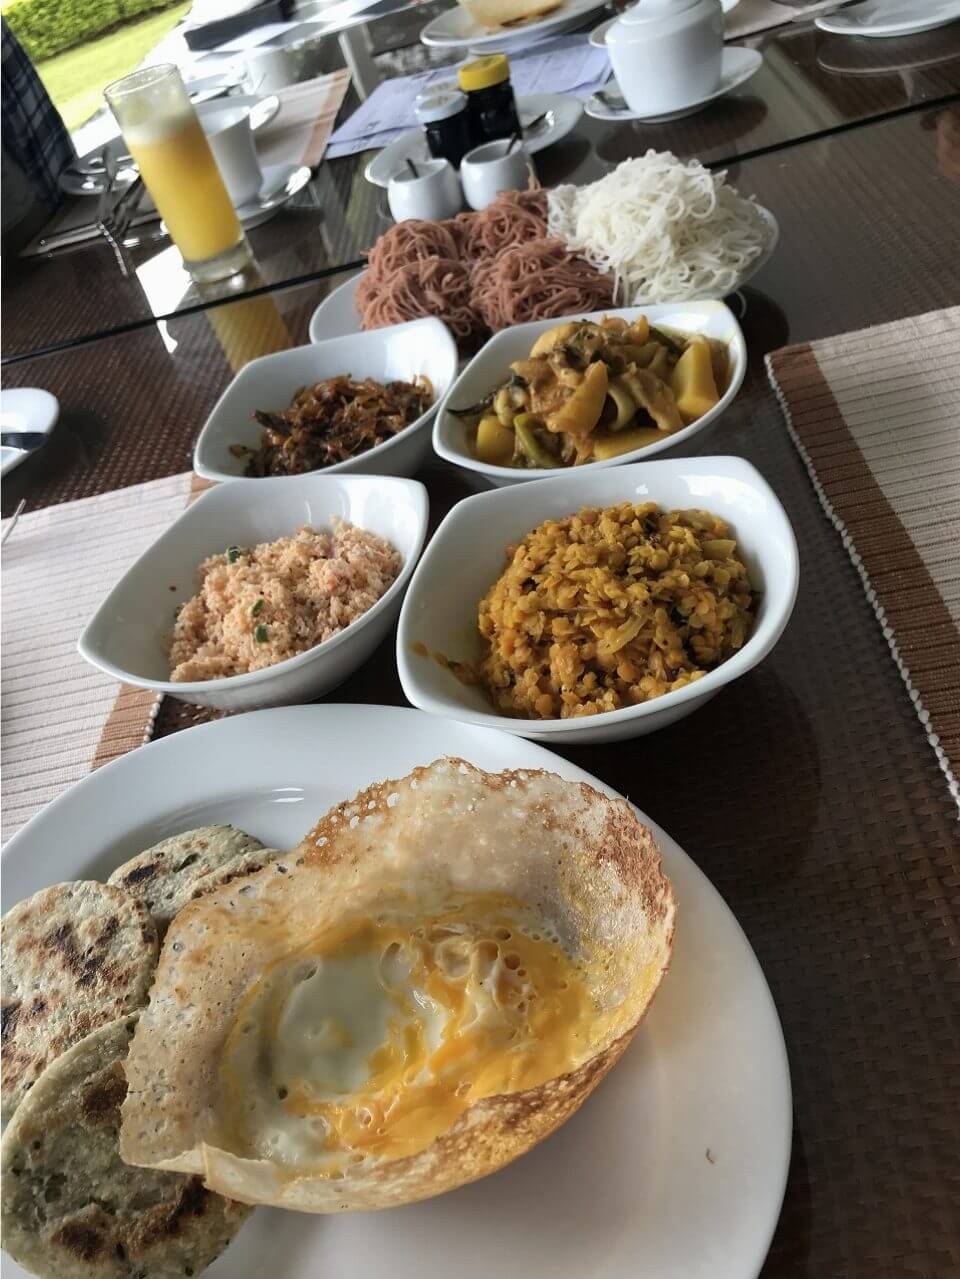 「セイロン紅茶」の国・スリランカ 8地元の朝食